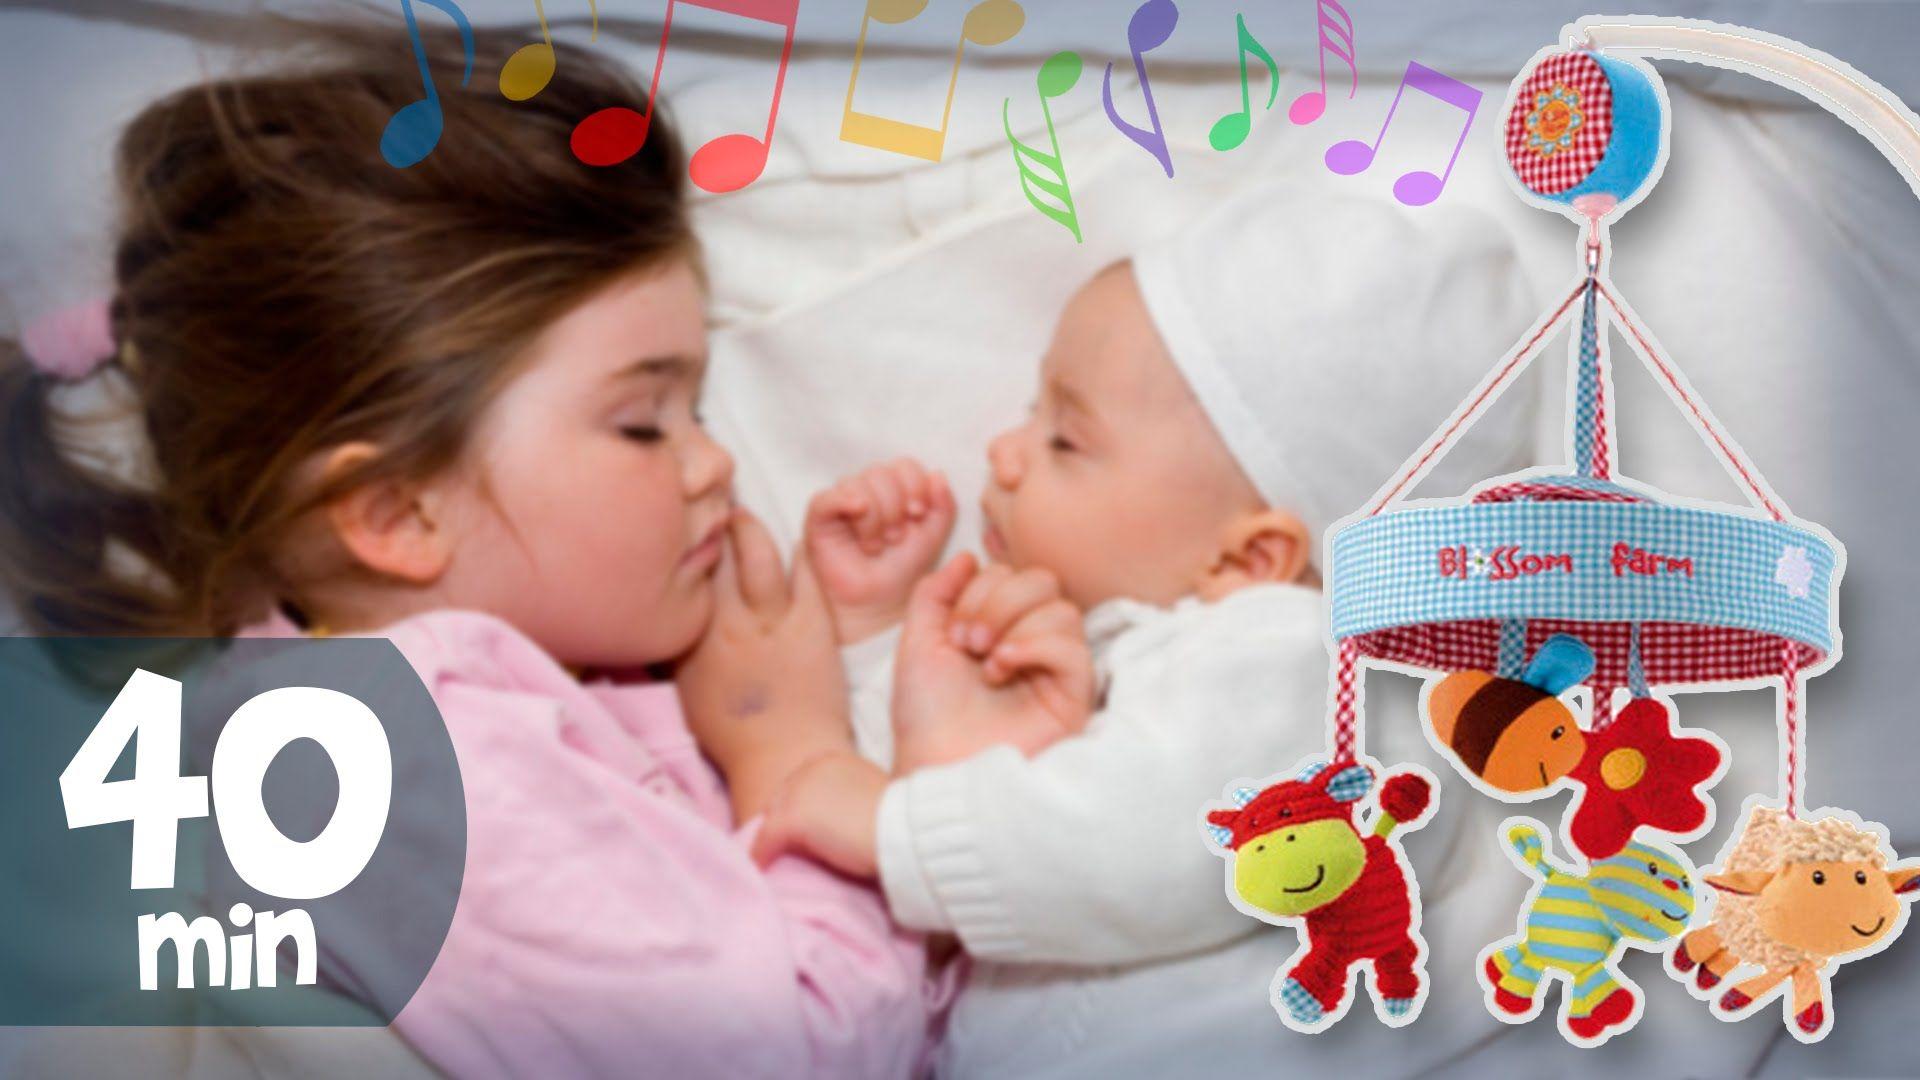 Música Para Hacer Dormir Bebés Profundamente Canción De Cuna Para Bebes Muñecas Y Muñecos Dormir Bebe Cunas Para Bebes Bebe